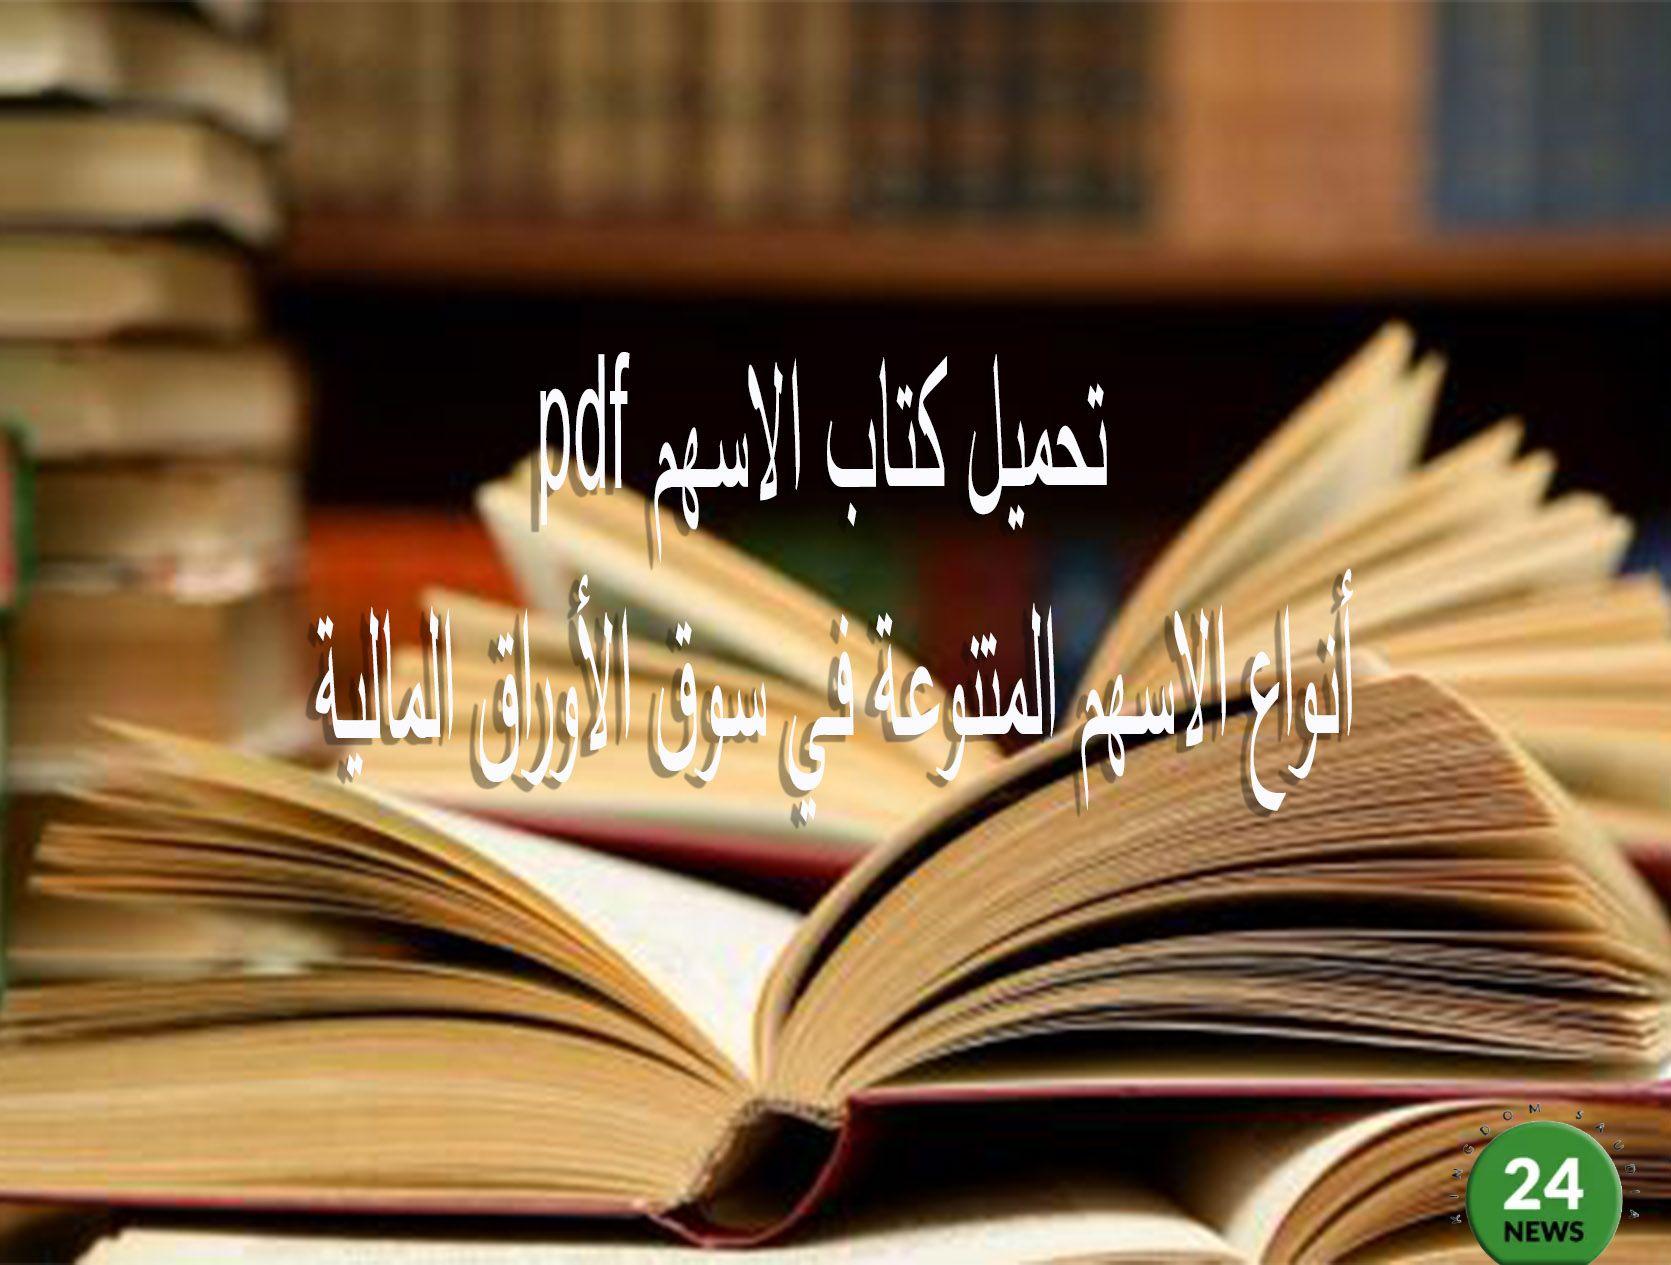 تحميل كتاب الاسهم Pdf أنواع الاسهم المتنوعة في سوق الأوراق المالية Arabic Books Books